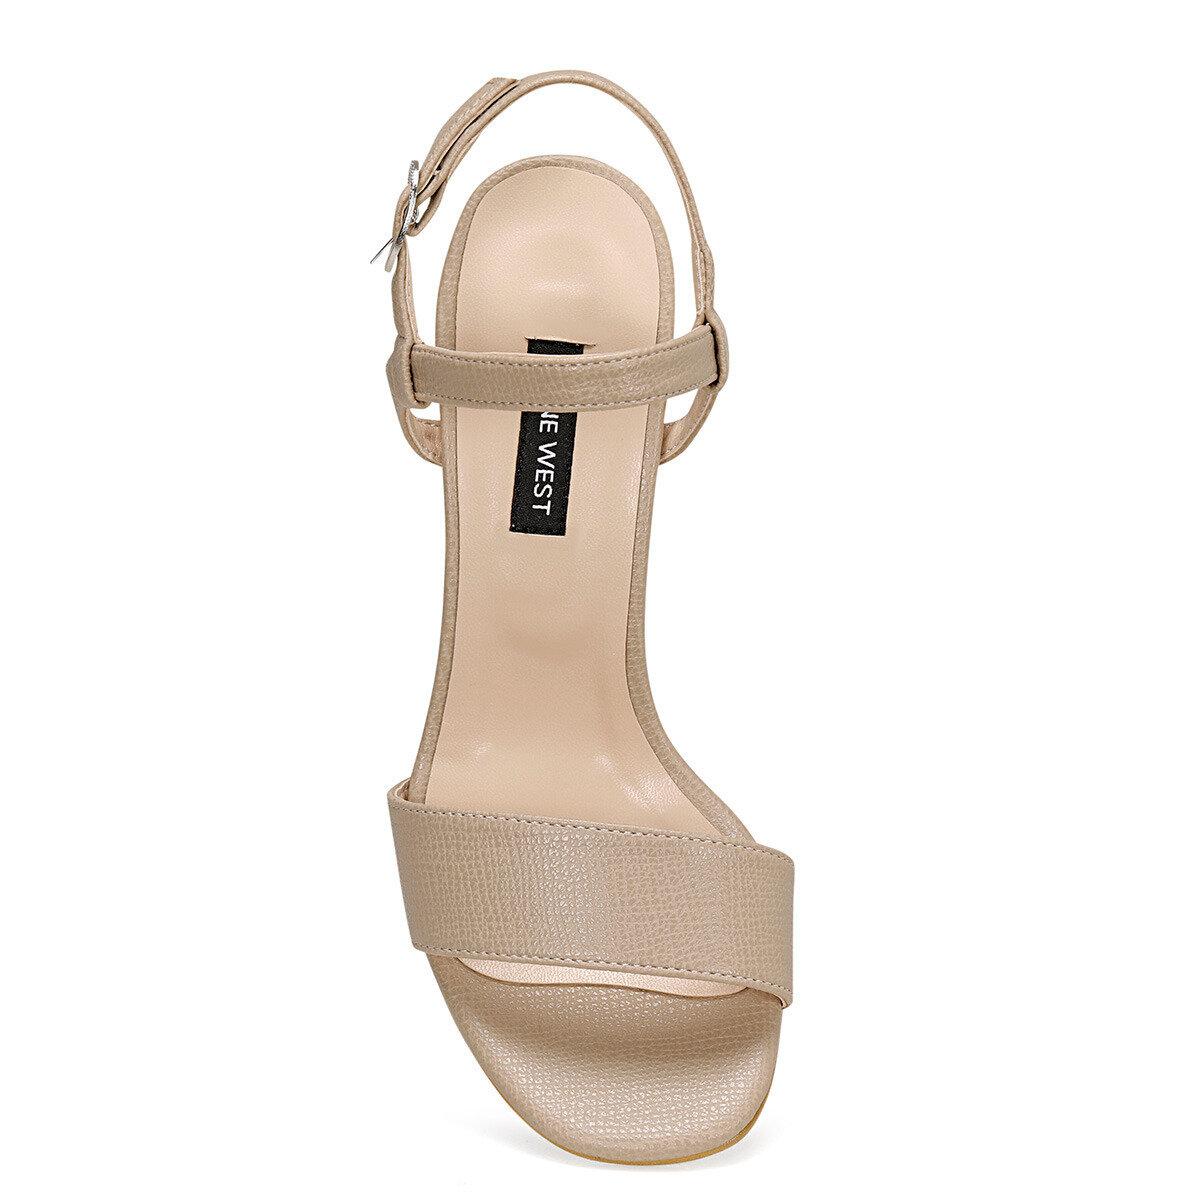 CEVA Pudra Kadın Topuklu Sandalet